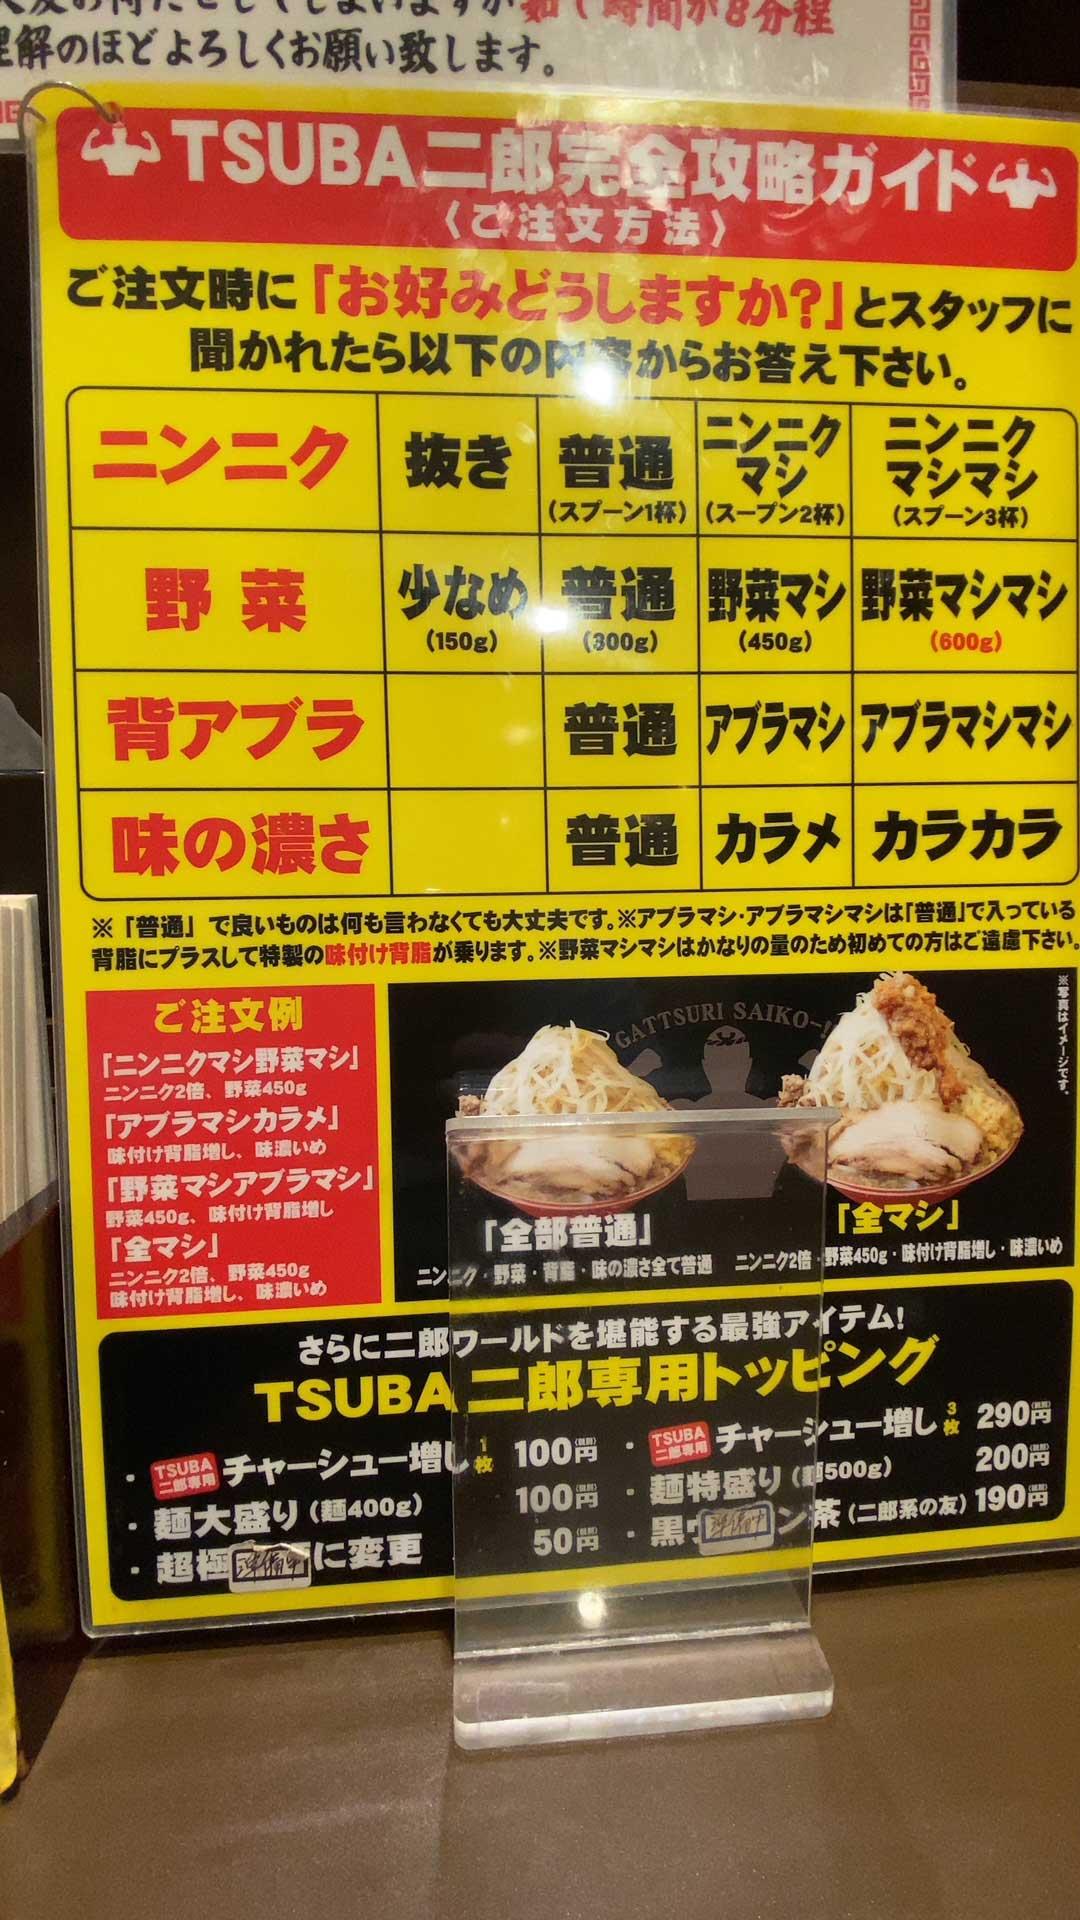 TSUBA二郎のマシカスタムメニュー|ガッツリ軒